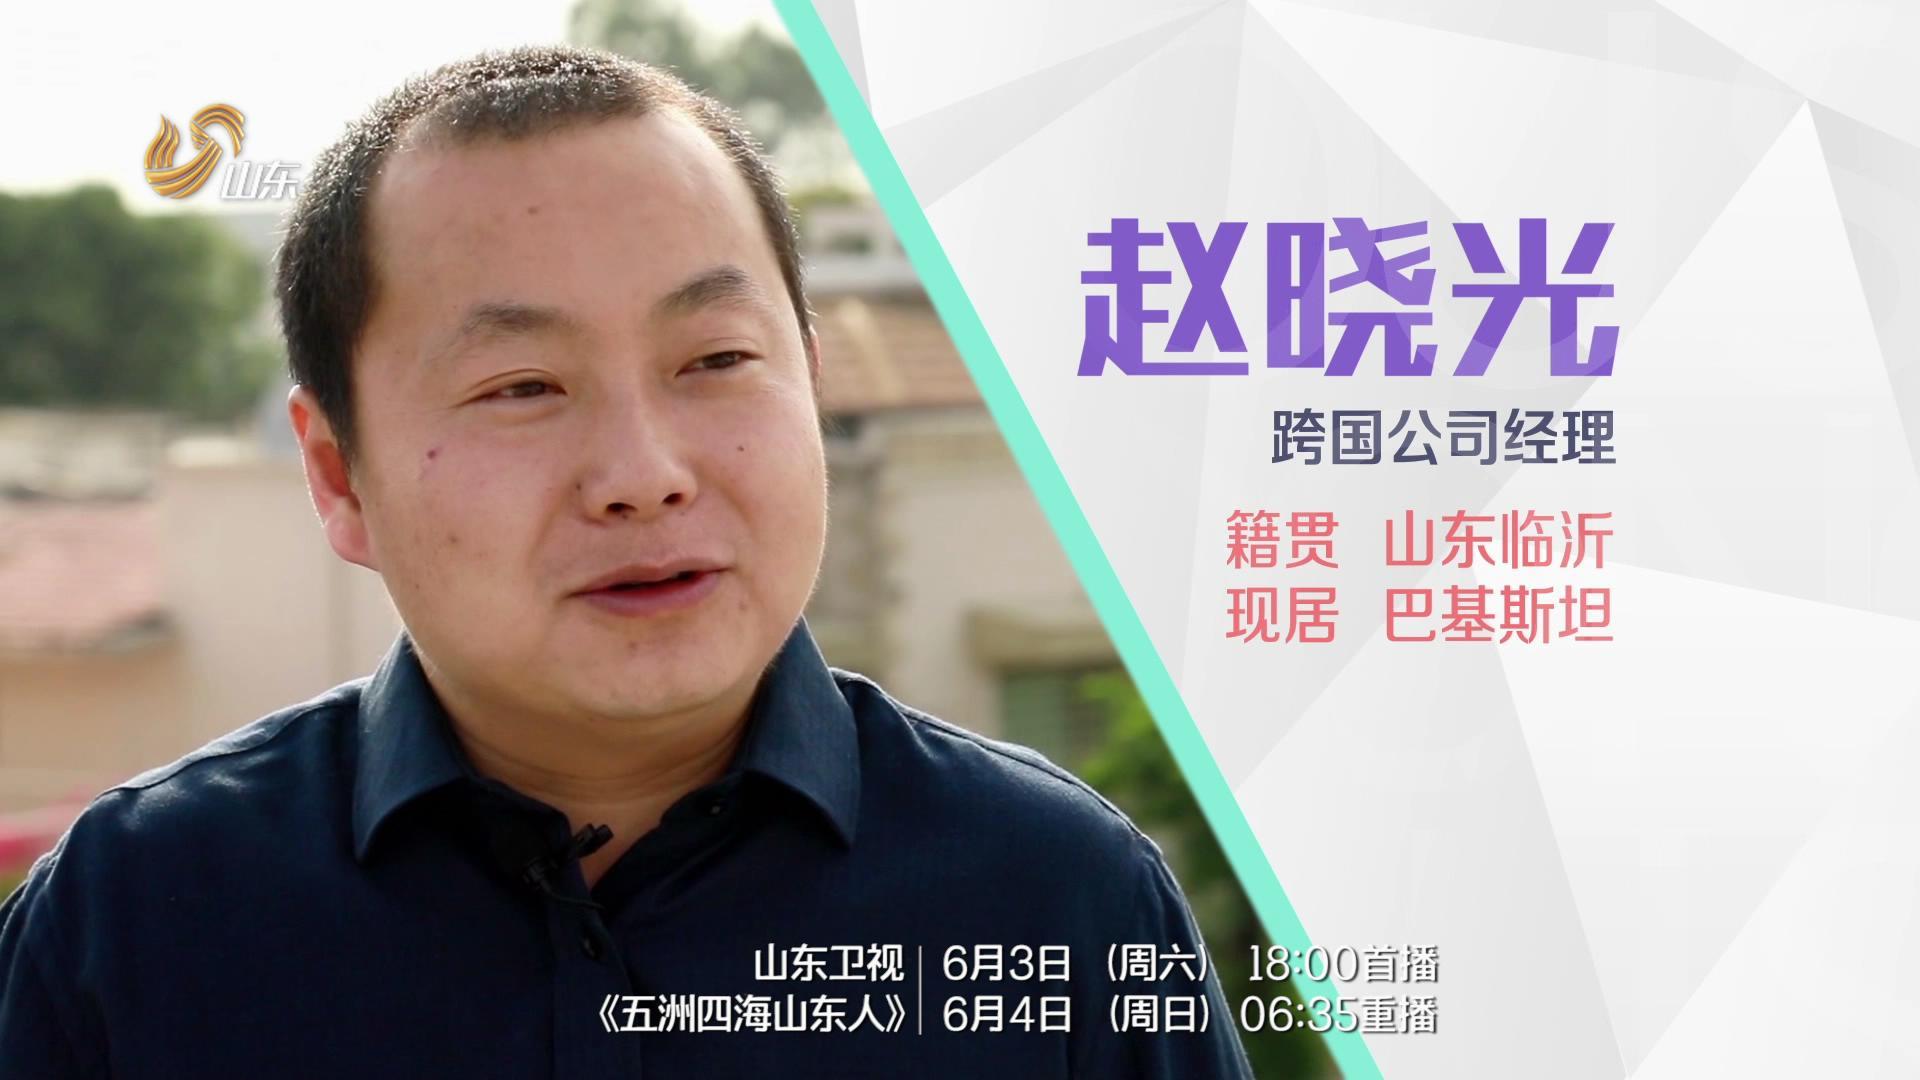 一带一路|赵晓光:千辛万苦擦亮中国名片